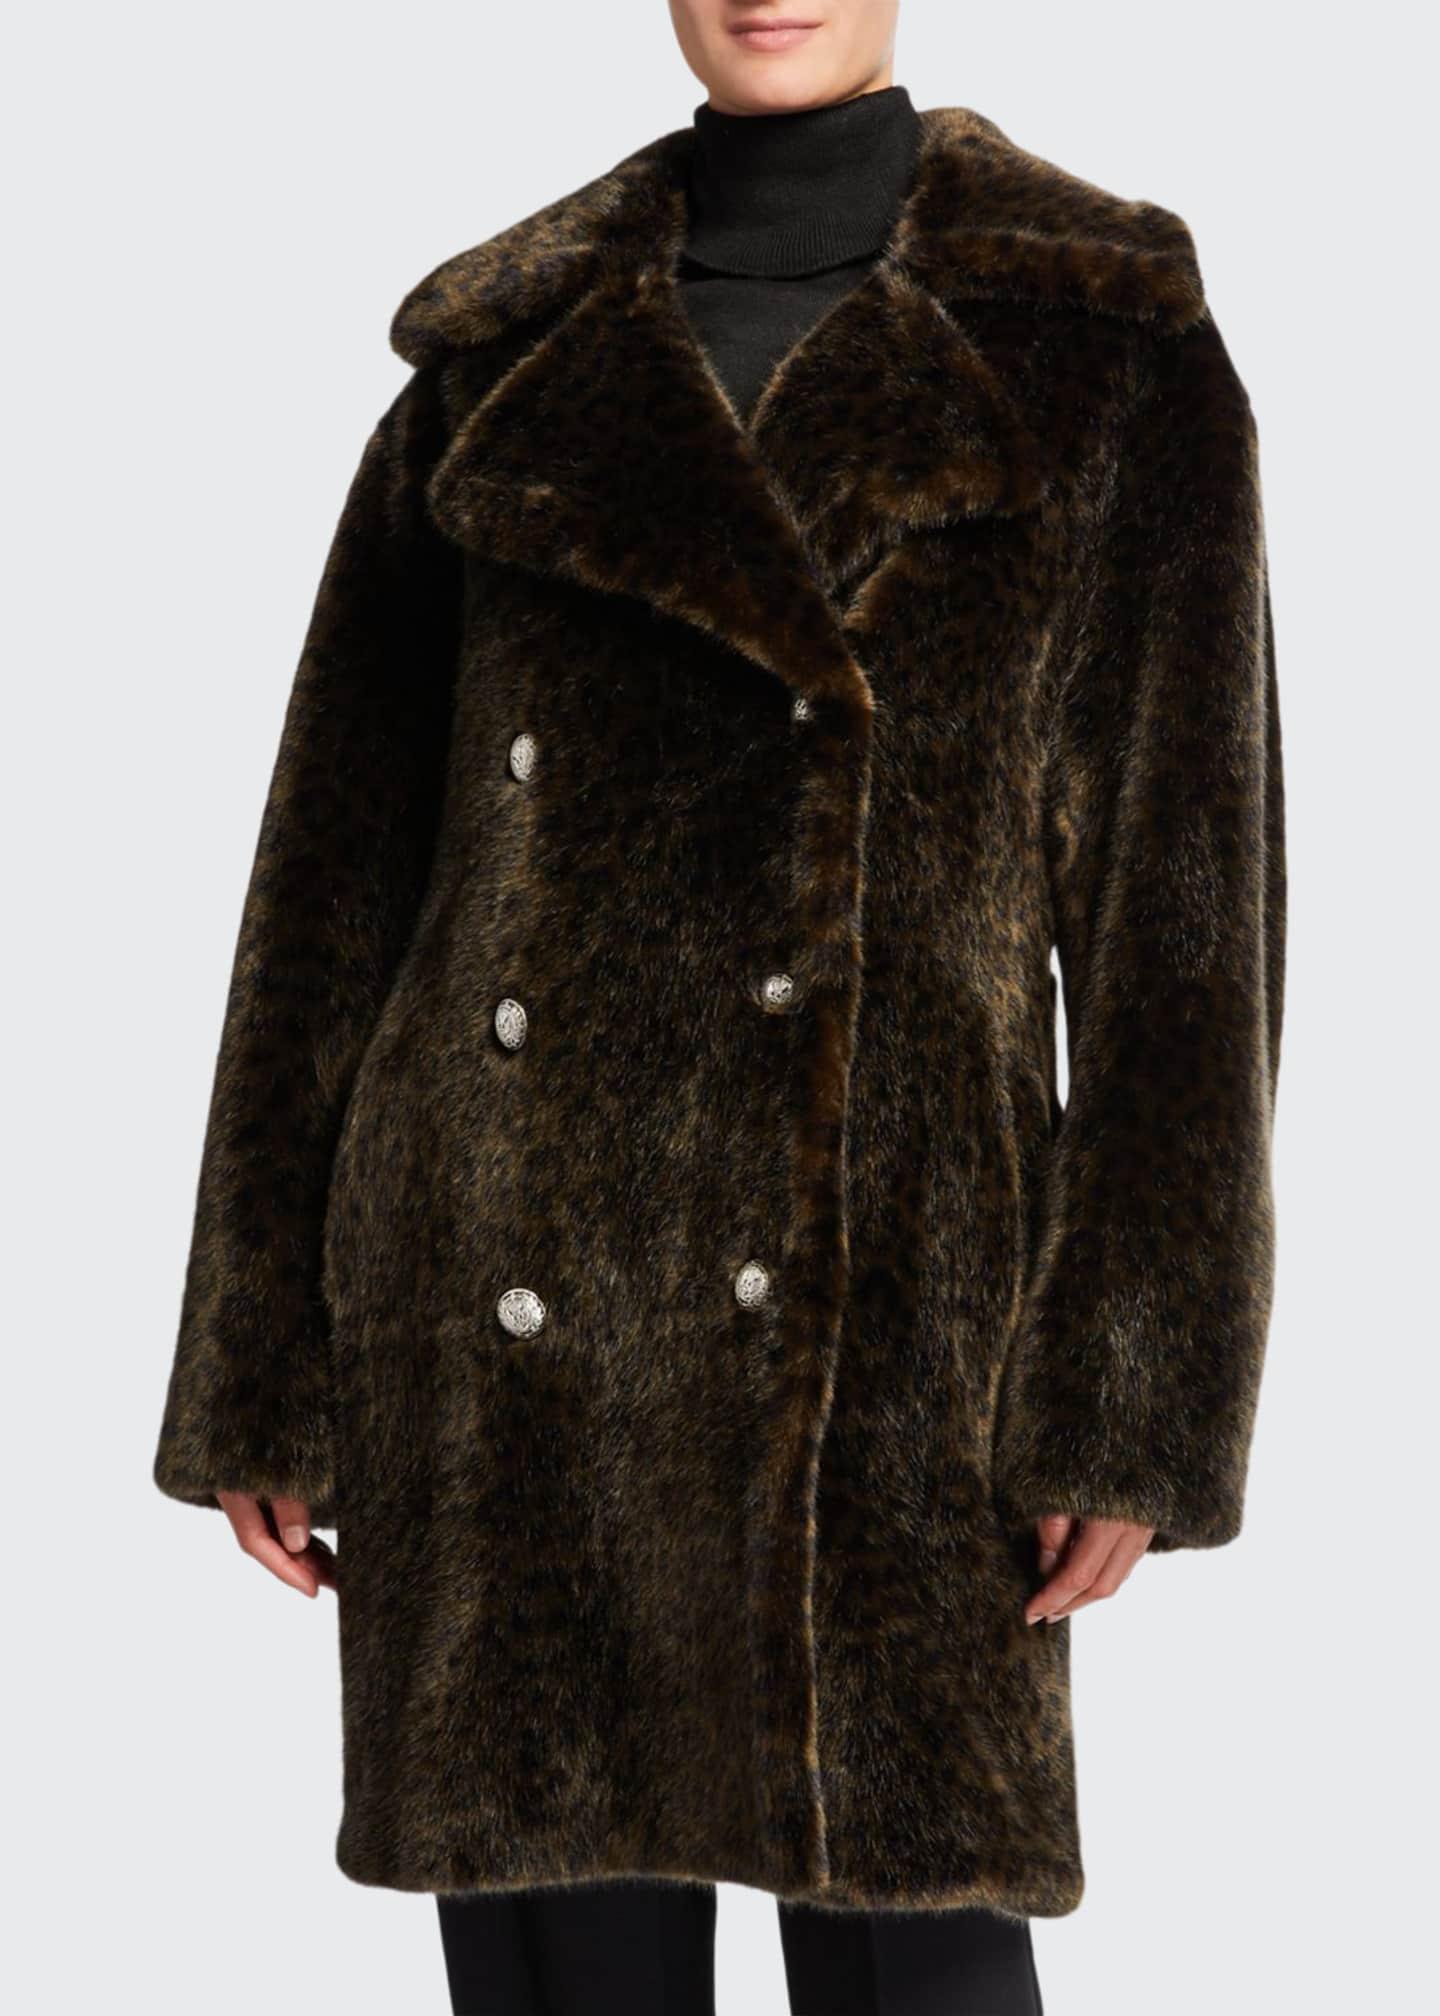 Faz Not Fur Leopard Faux Fur Cold Solider